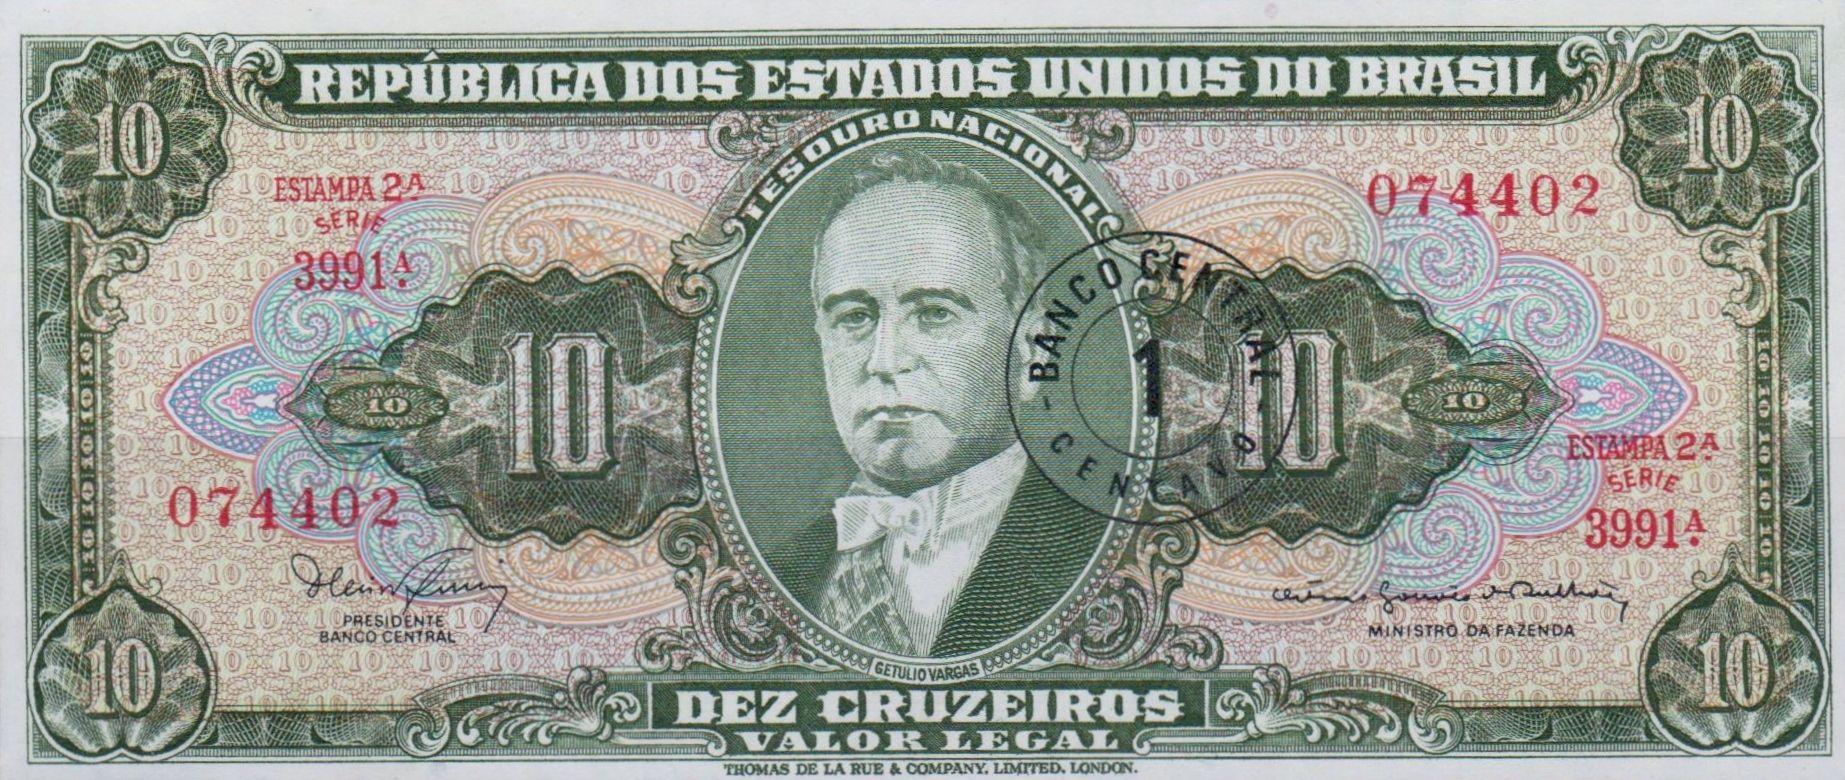 Brazil Banknote 10 Cruzeiros Bank Notes World Coins